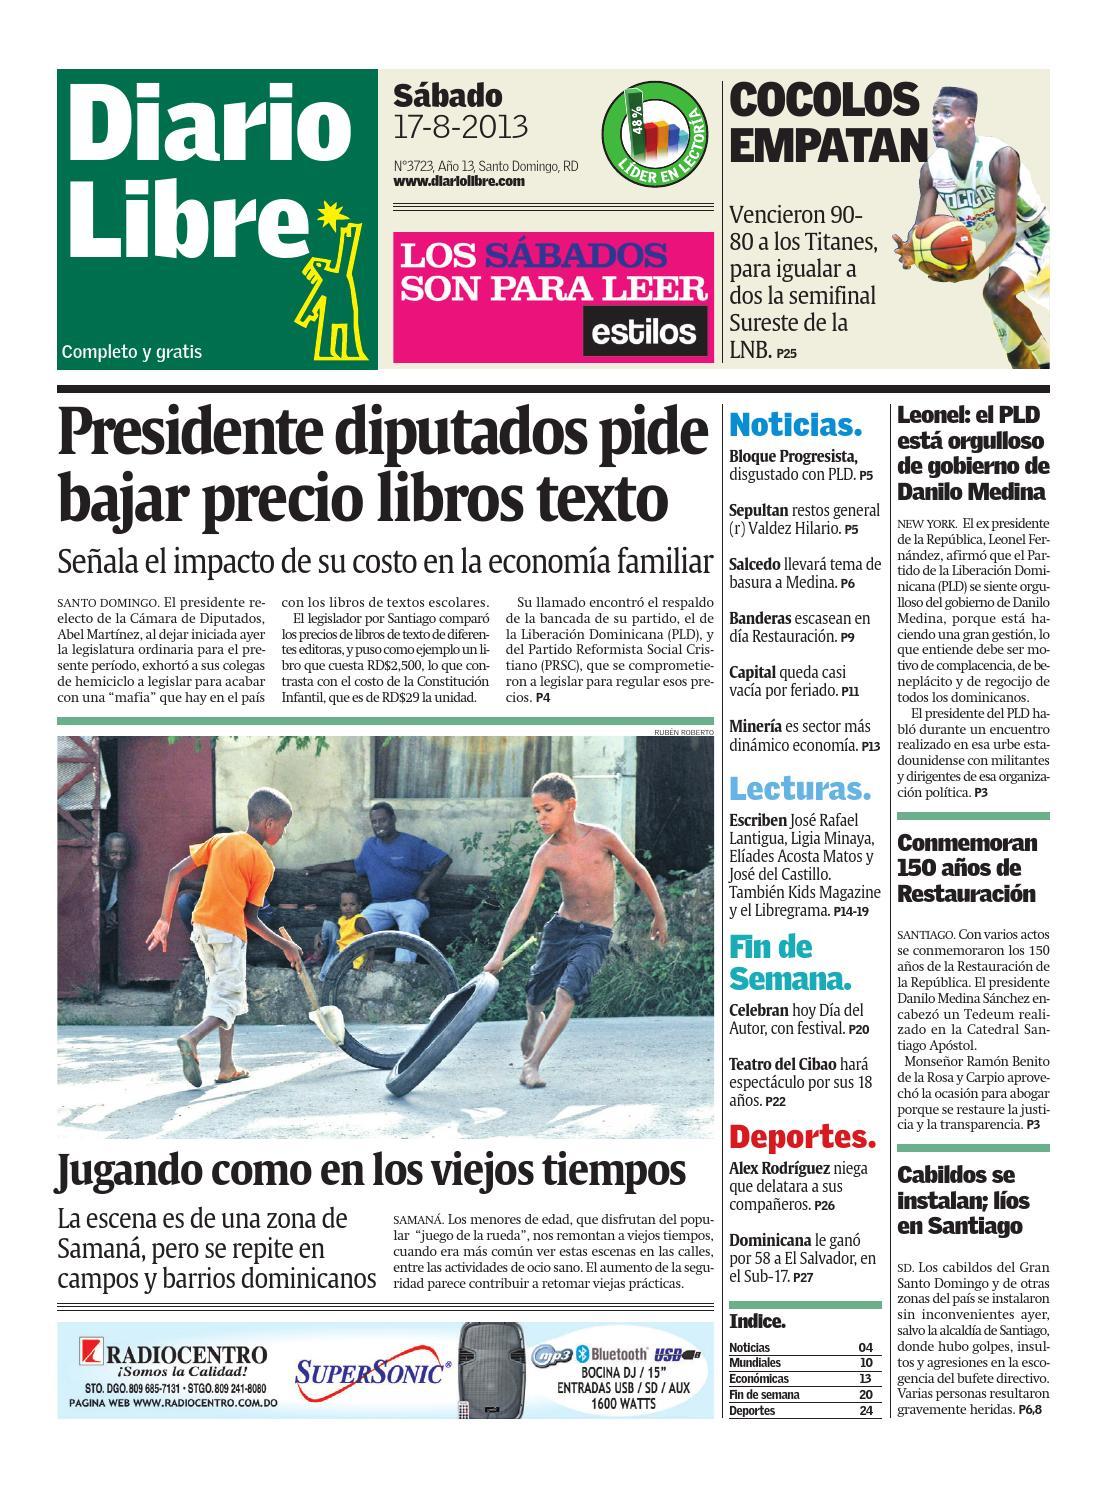 Diariolibre3723 by Grupo Diario Libre, S. A. - issuu